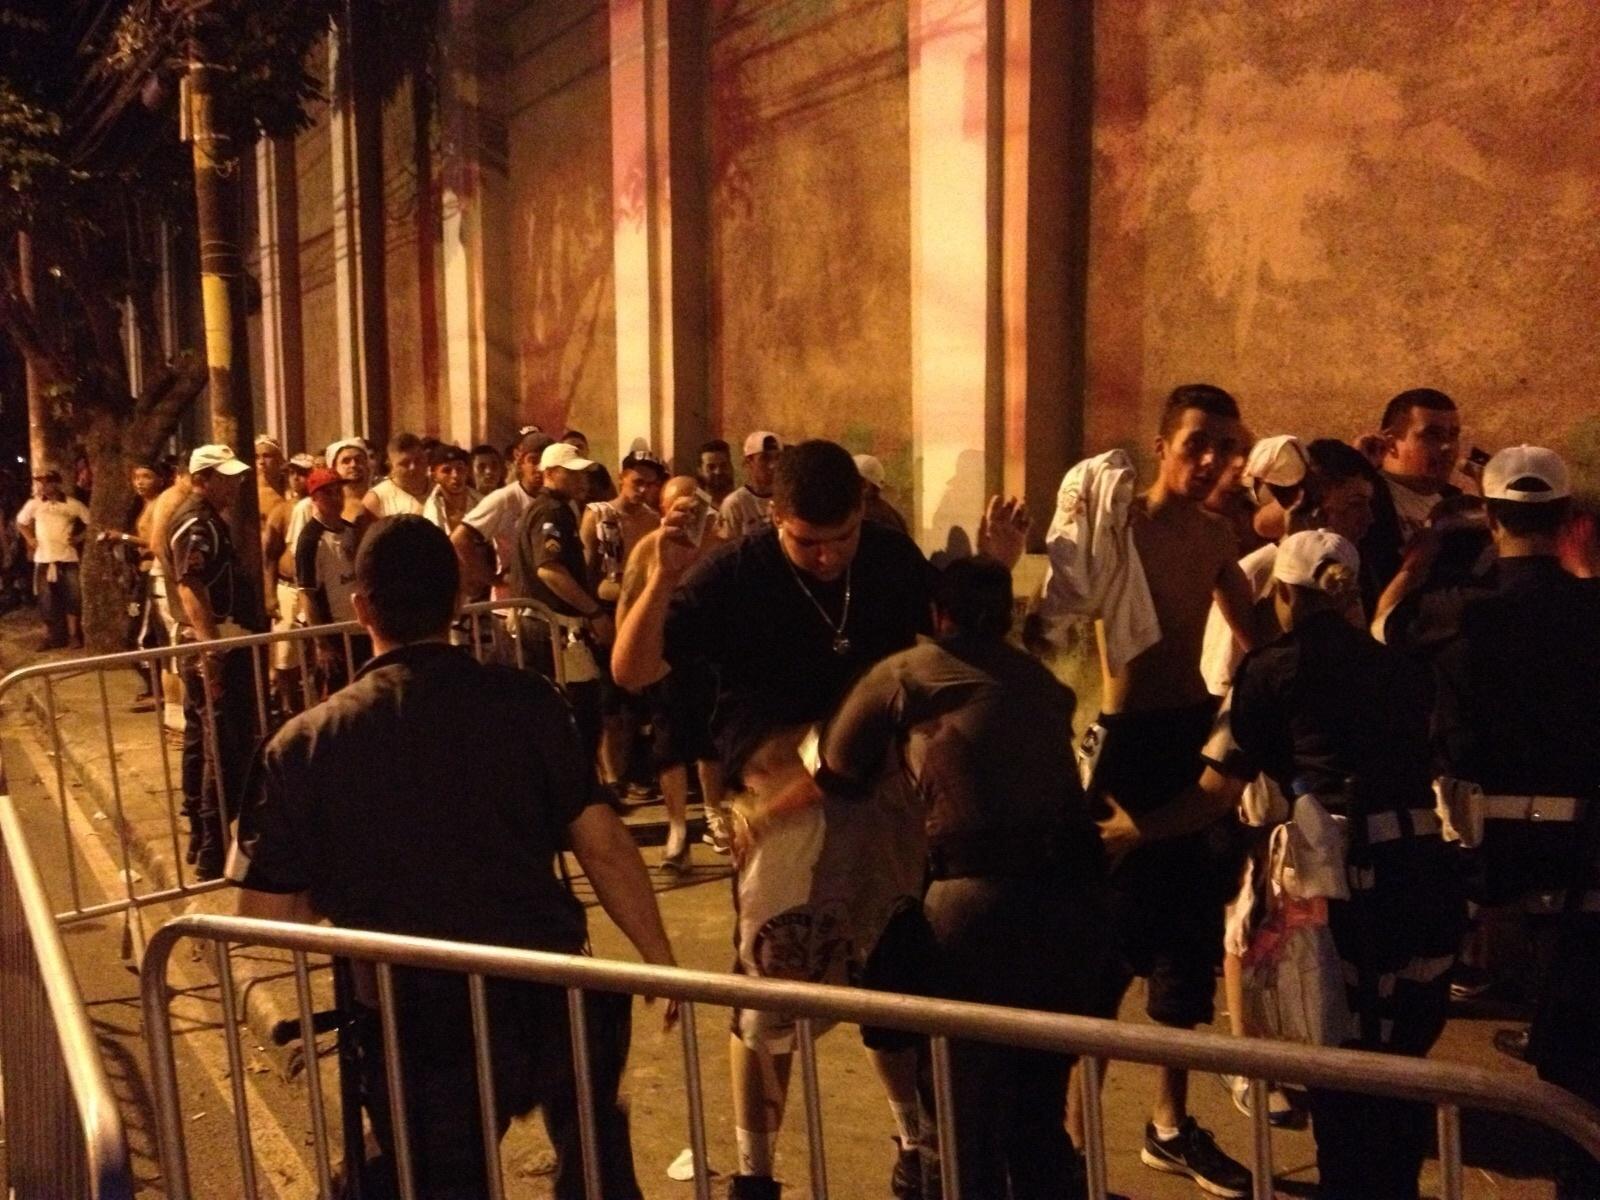 Torcedores do Corinthians são revistados pela PM carioca na entrada de São Januário